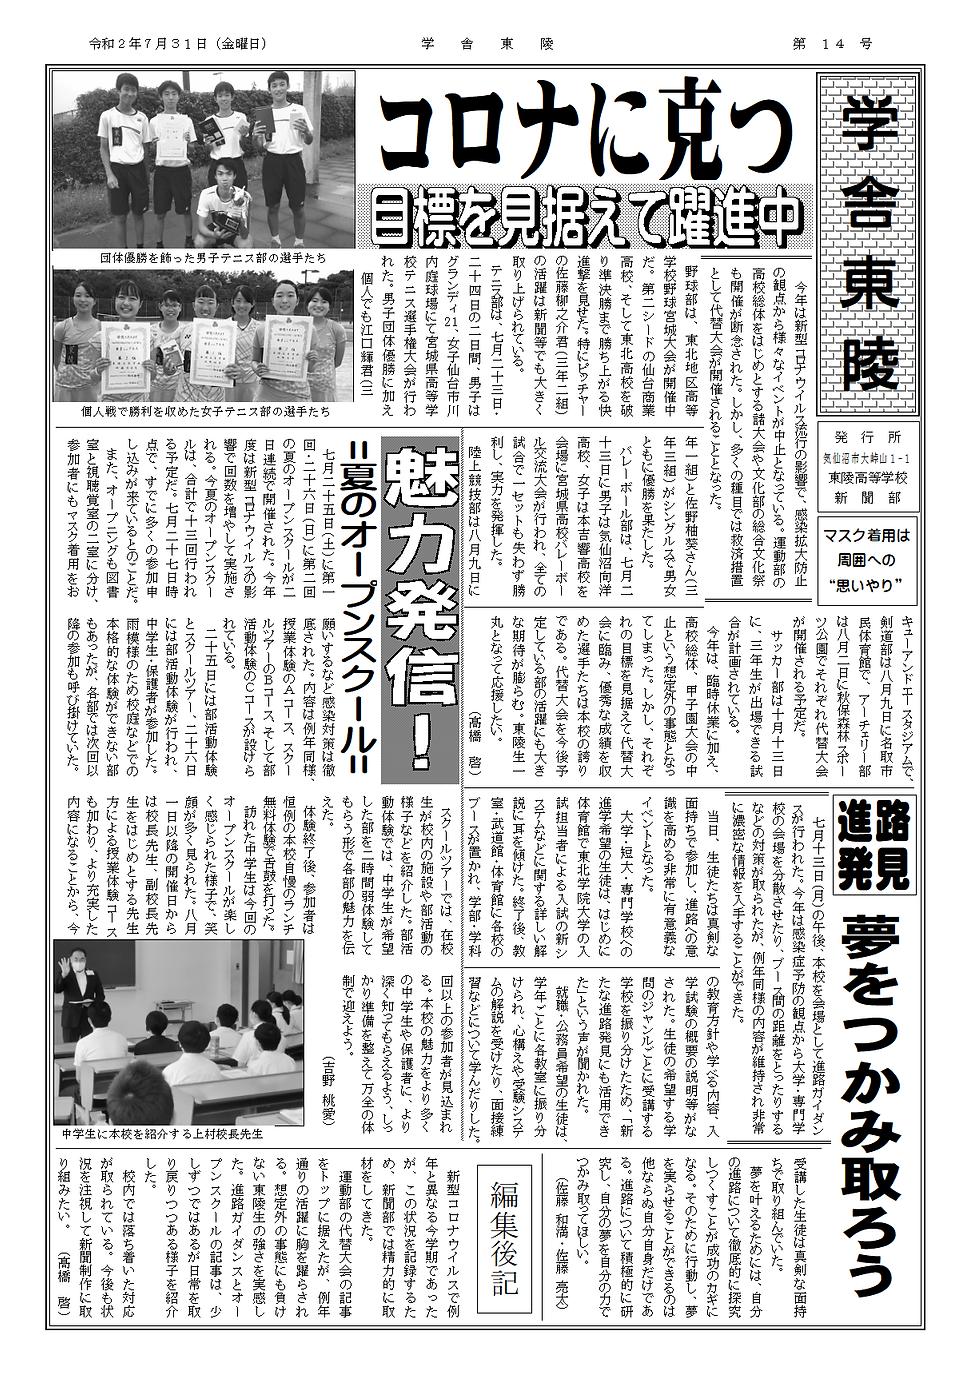 学舎東陵200731-印刷用.png